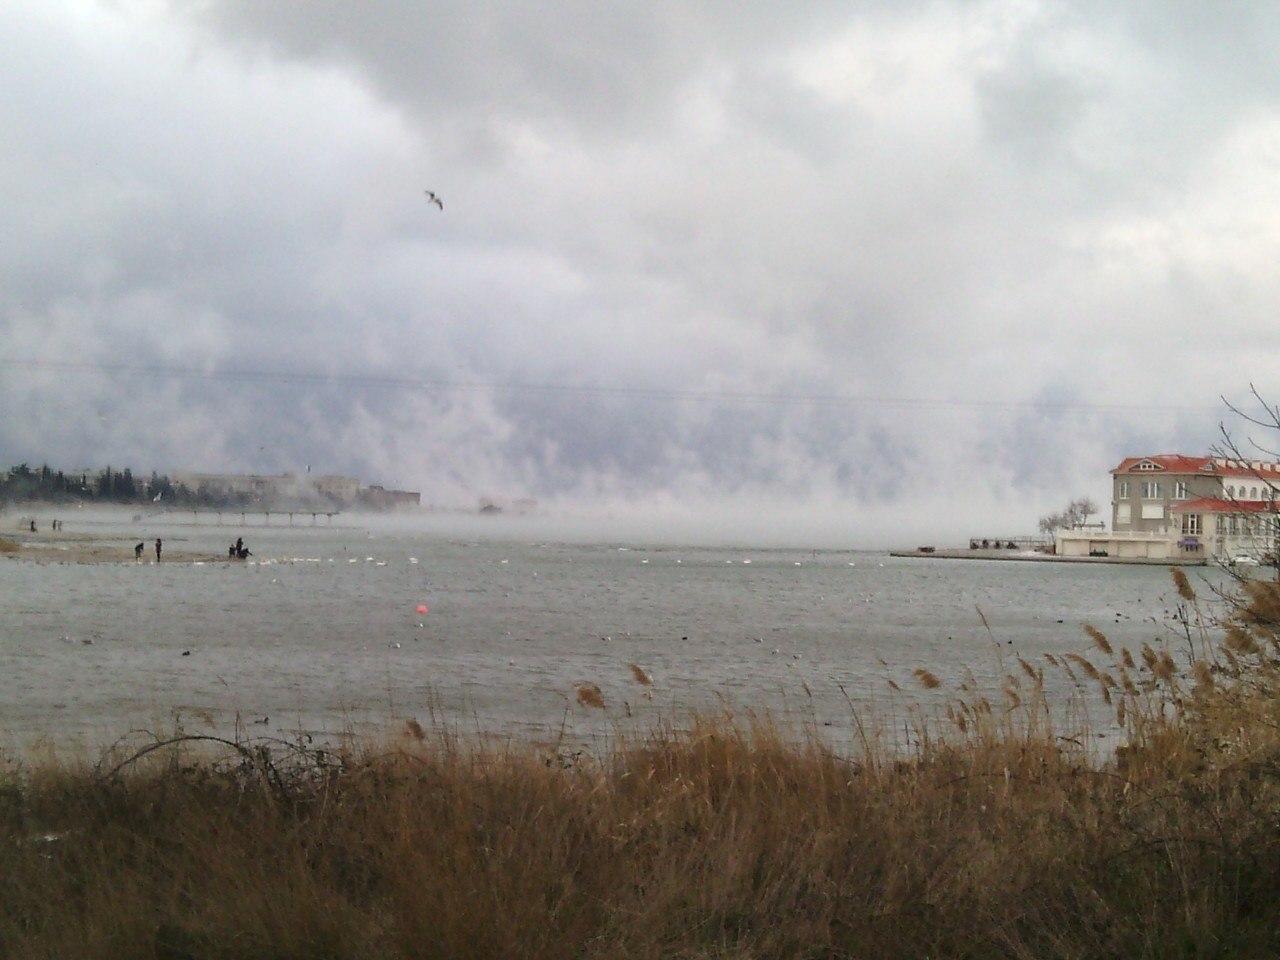 Омега на Рождество, на суше минус 17. Море парит. фото на телефон дрожащей замерзшей рукой.